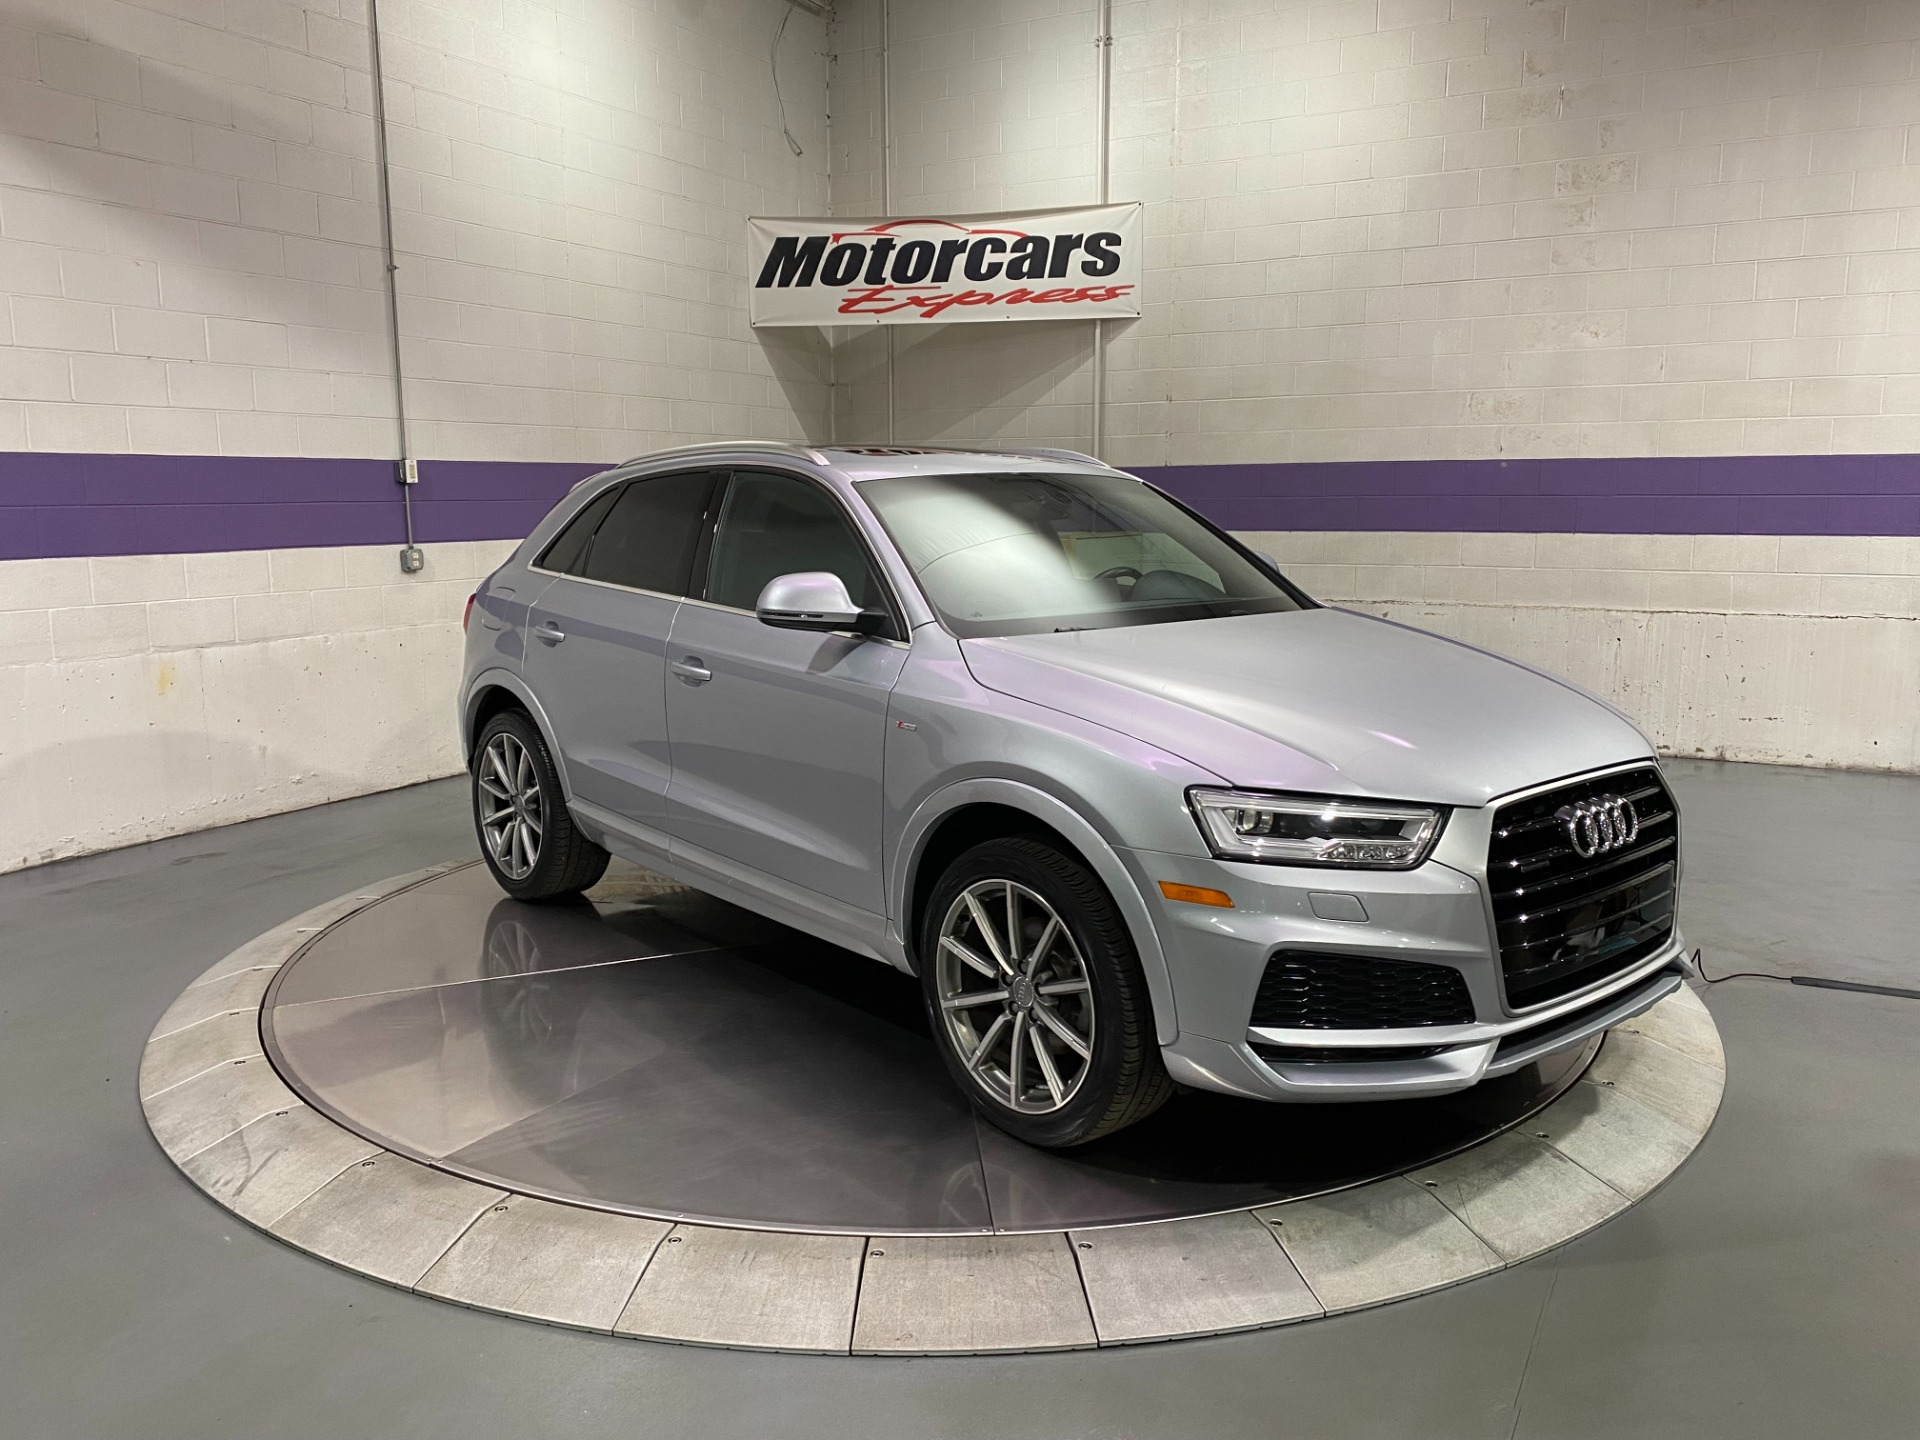 Used-2018-Audi-Q3-20T-quattro-Sport-Premium-Plus-S-Line